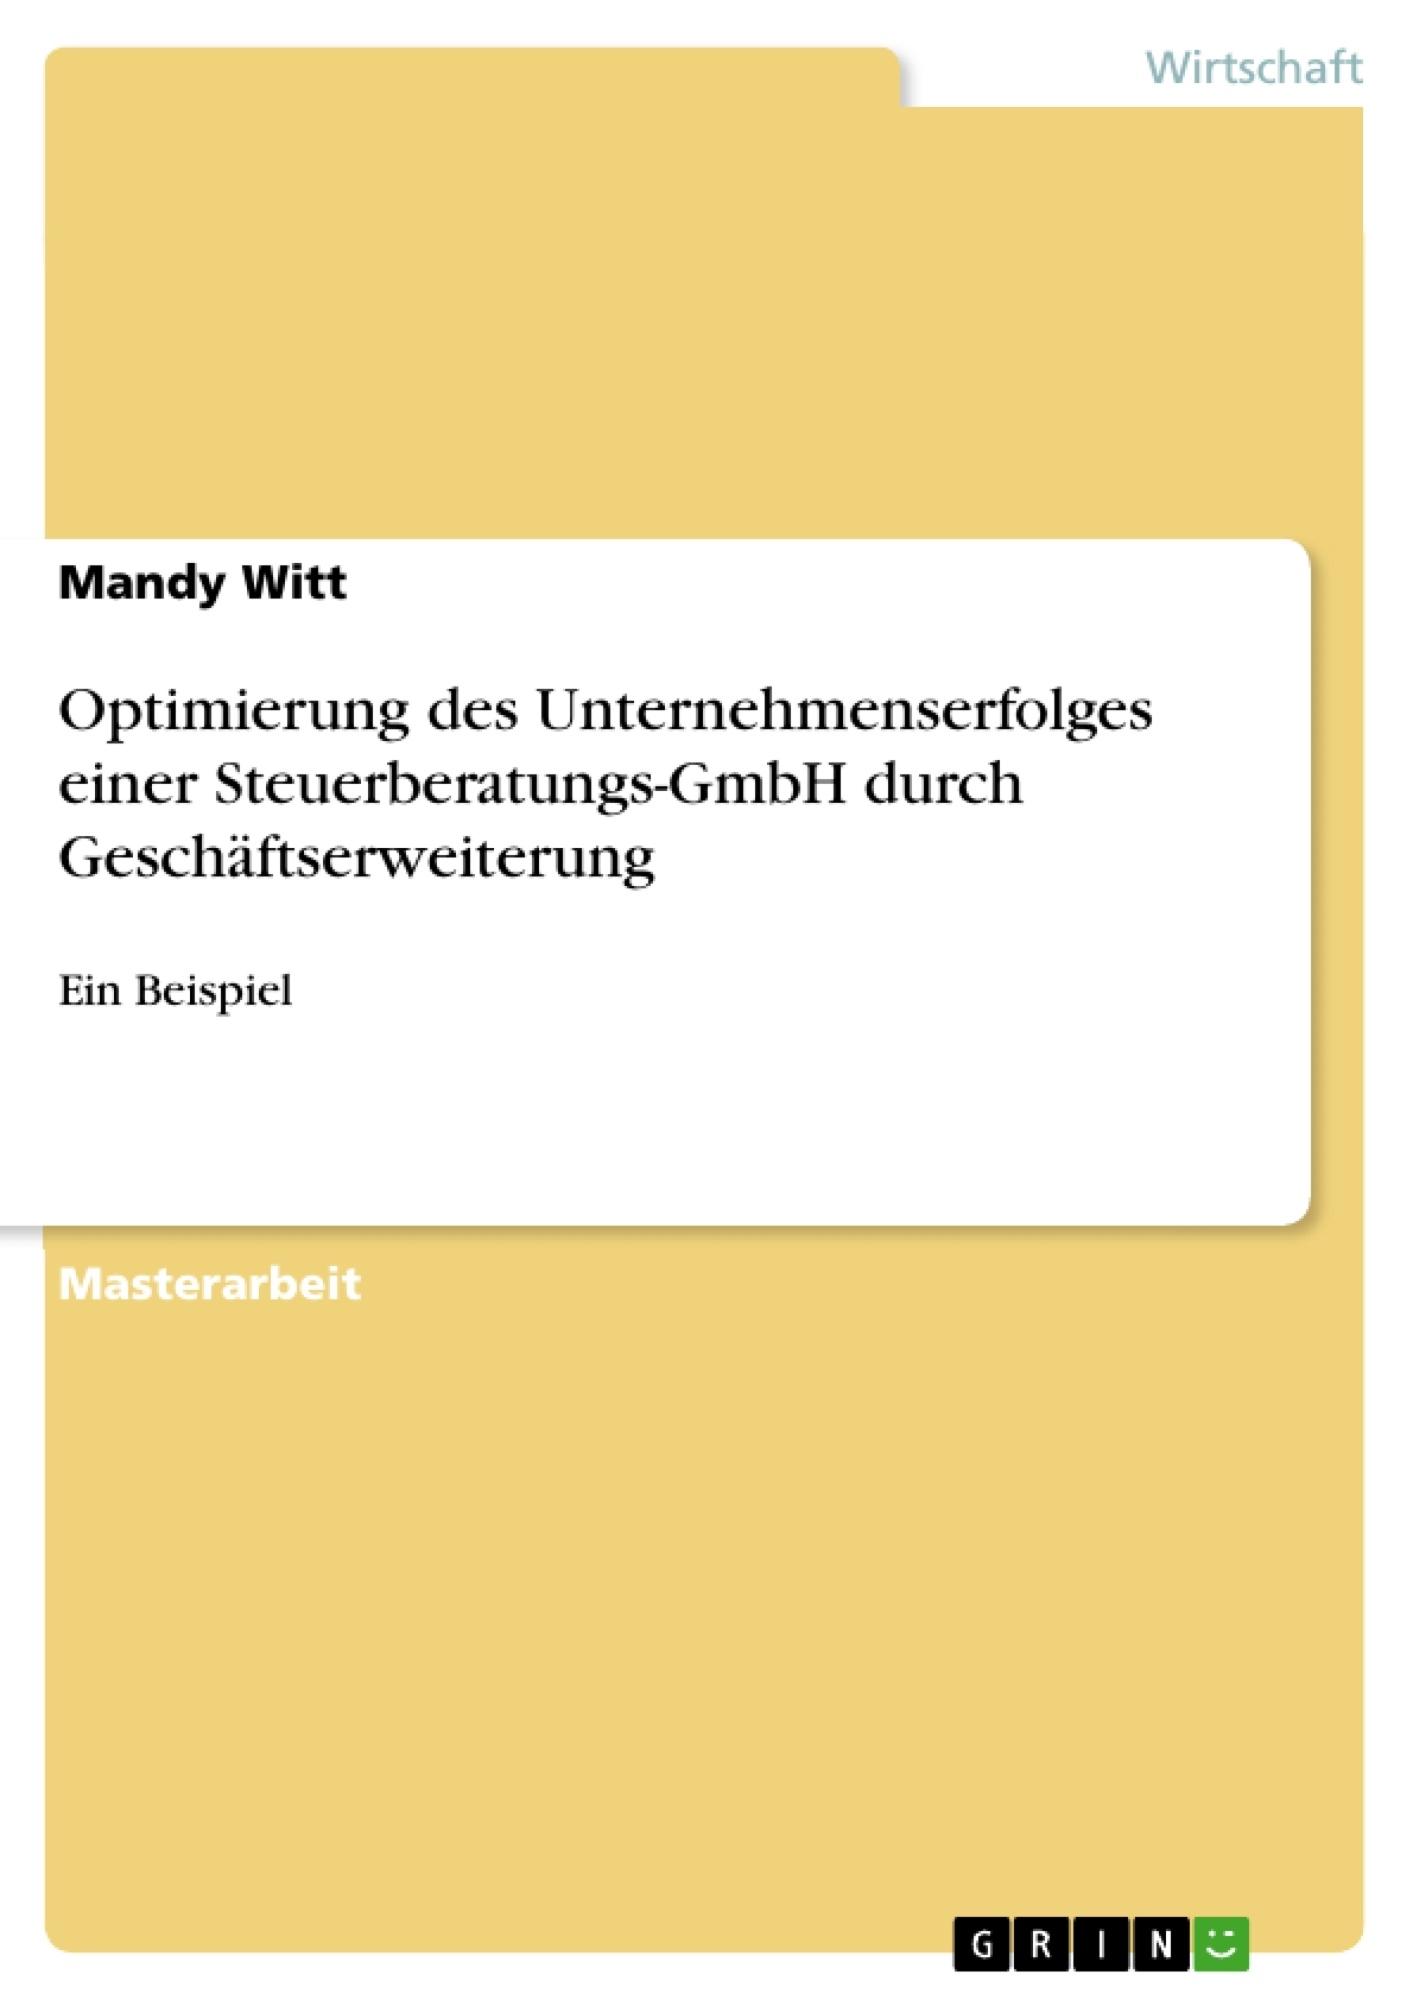 Titel: Optimierung des Unternehmenserfolges einer Steuerberatungs-GmbH durch Geschäftserweiterung